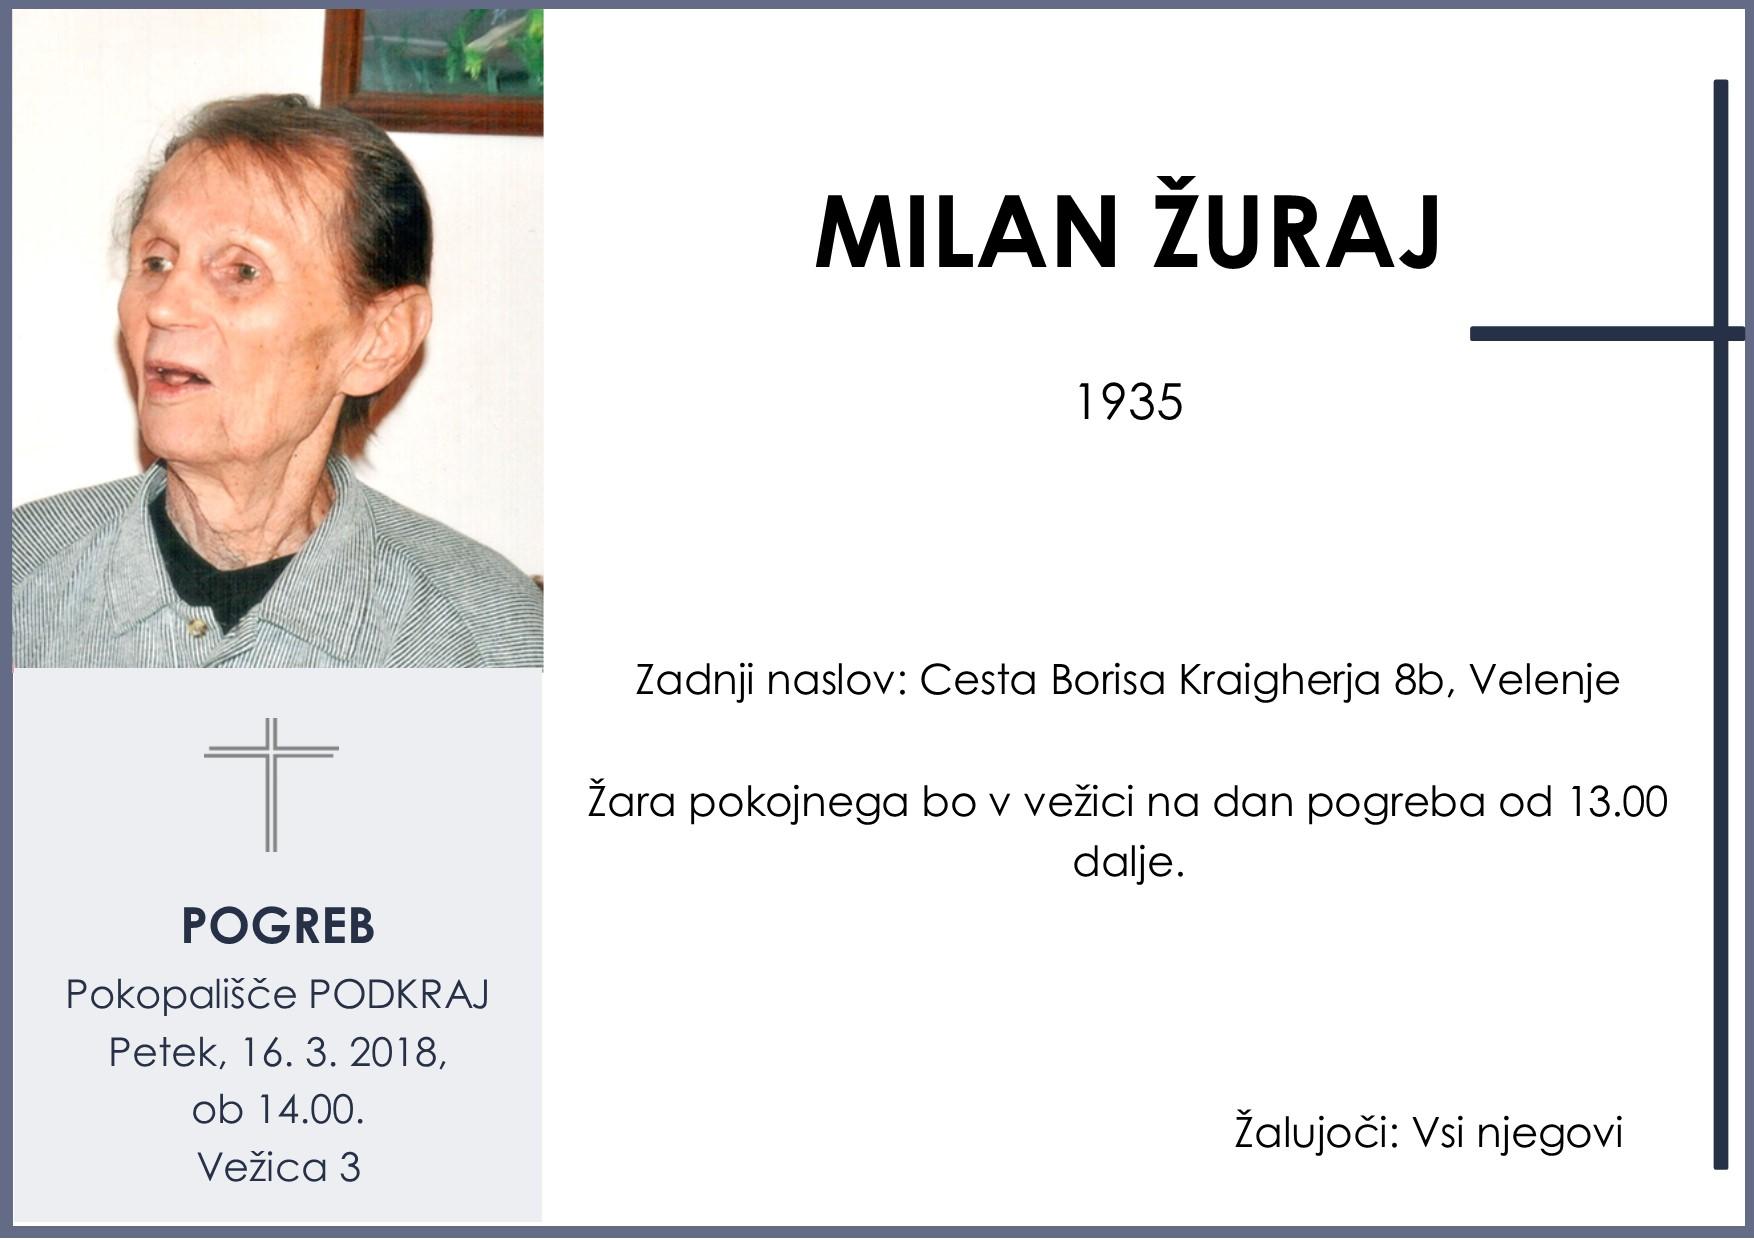 MILAN ŽURAJ, Podkraj, 16. 03. 2018